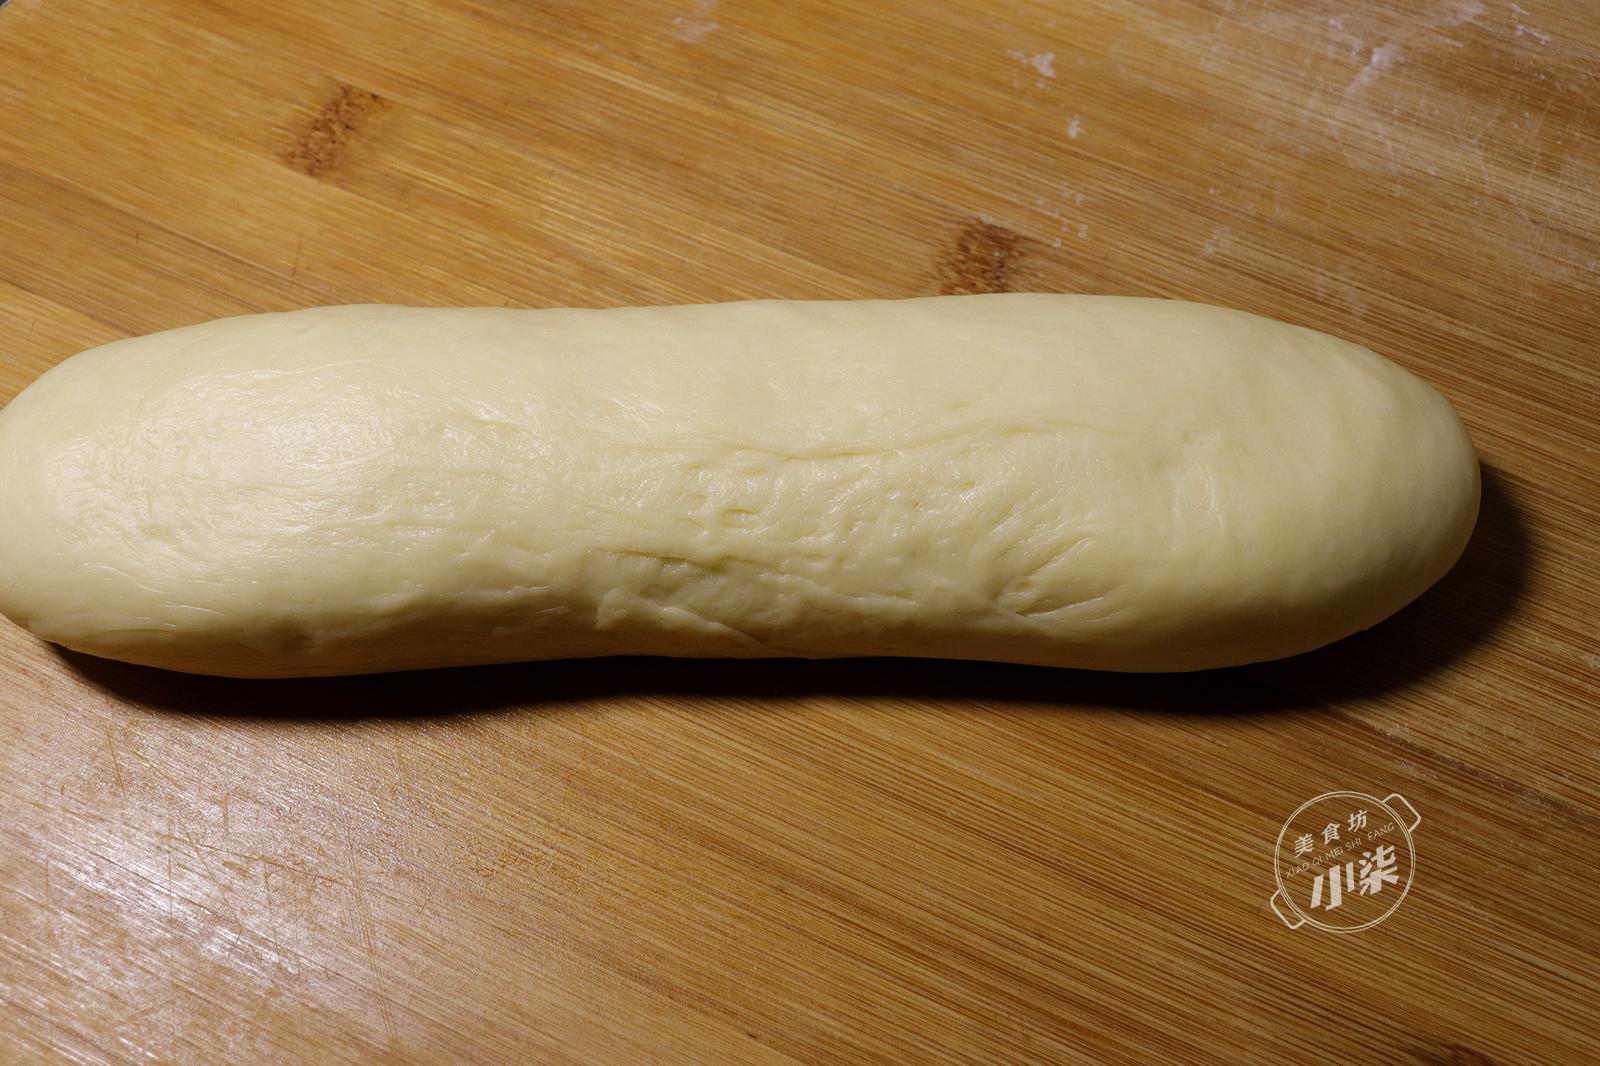 蒜香麵包完美配方,不用揉出膜,鬆軟又拉絲,比麵包店還要好吃